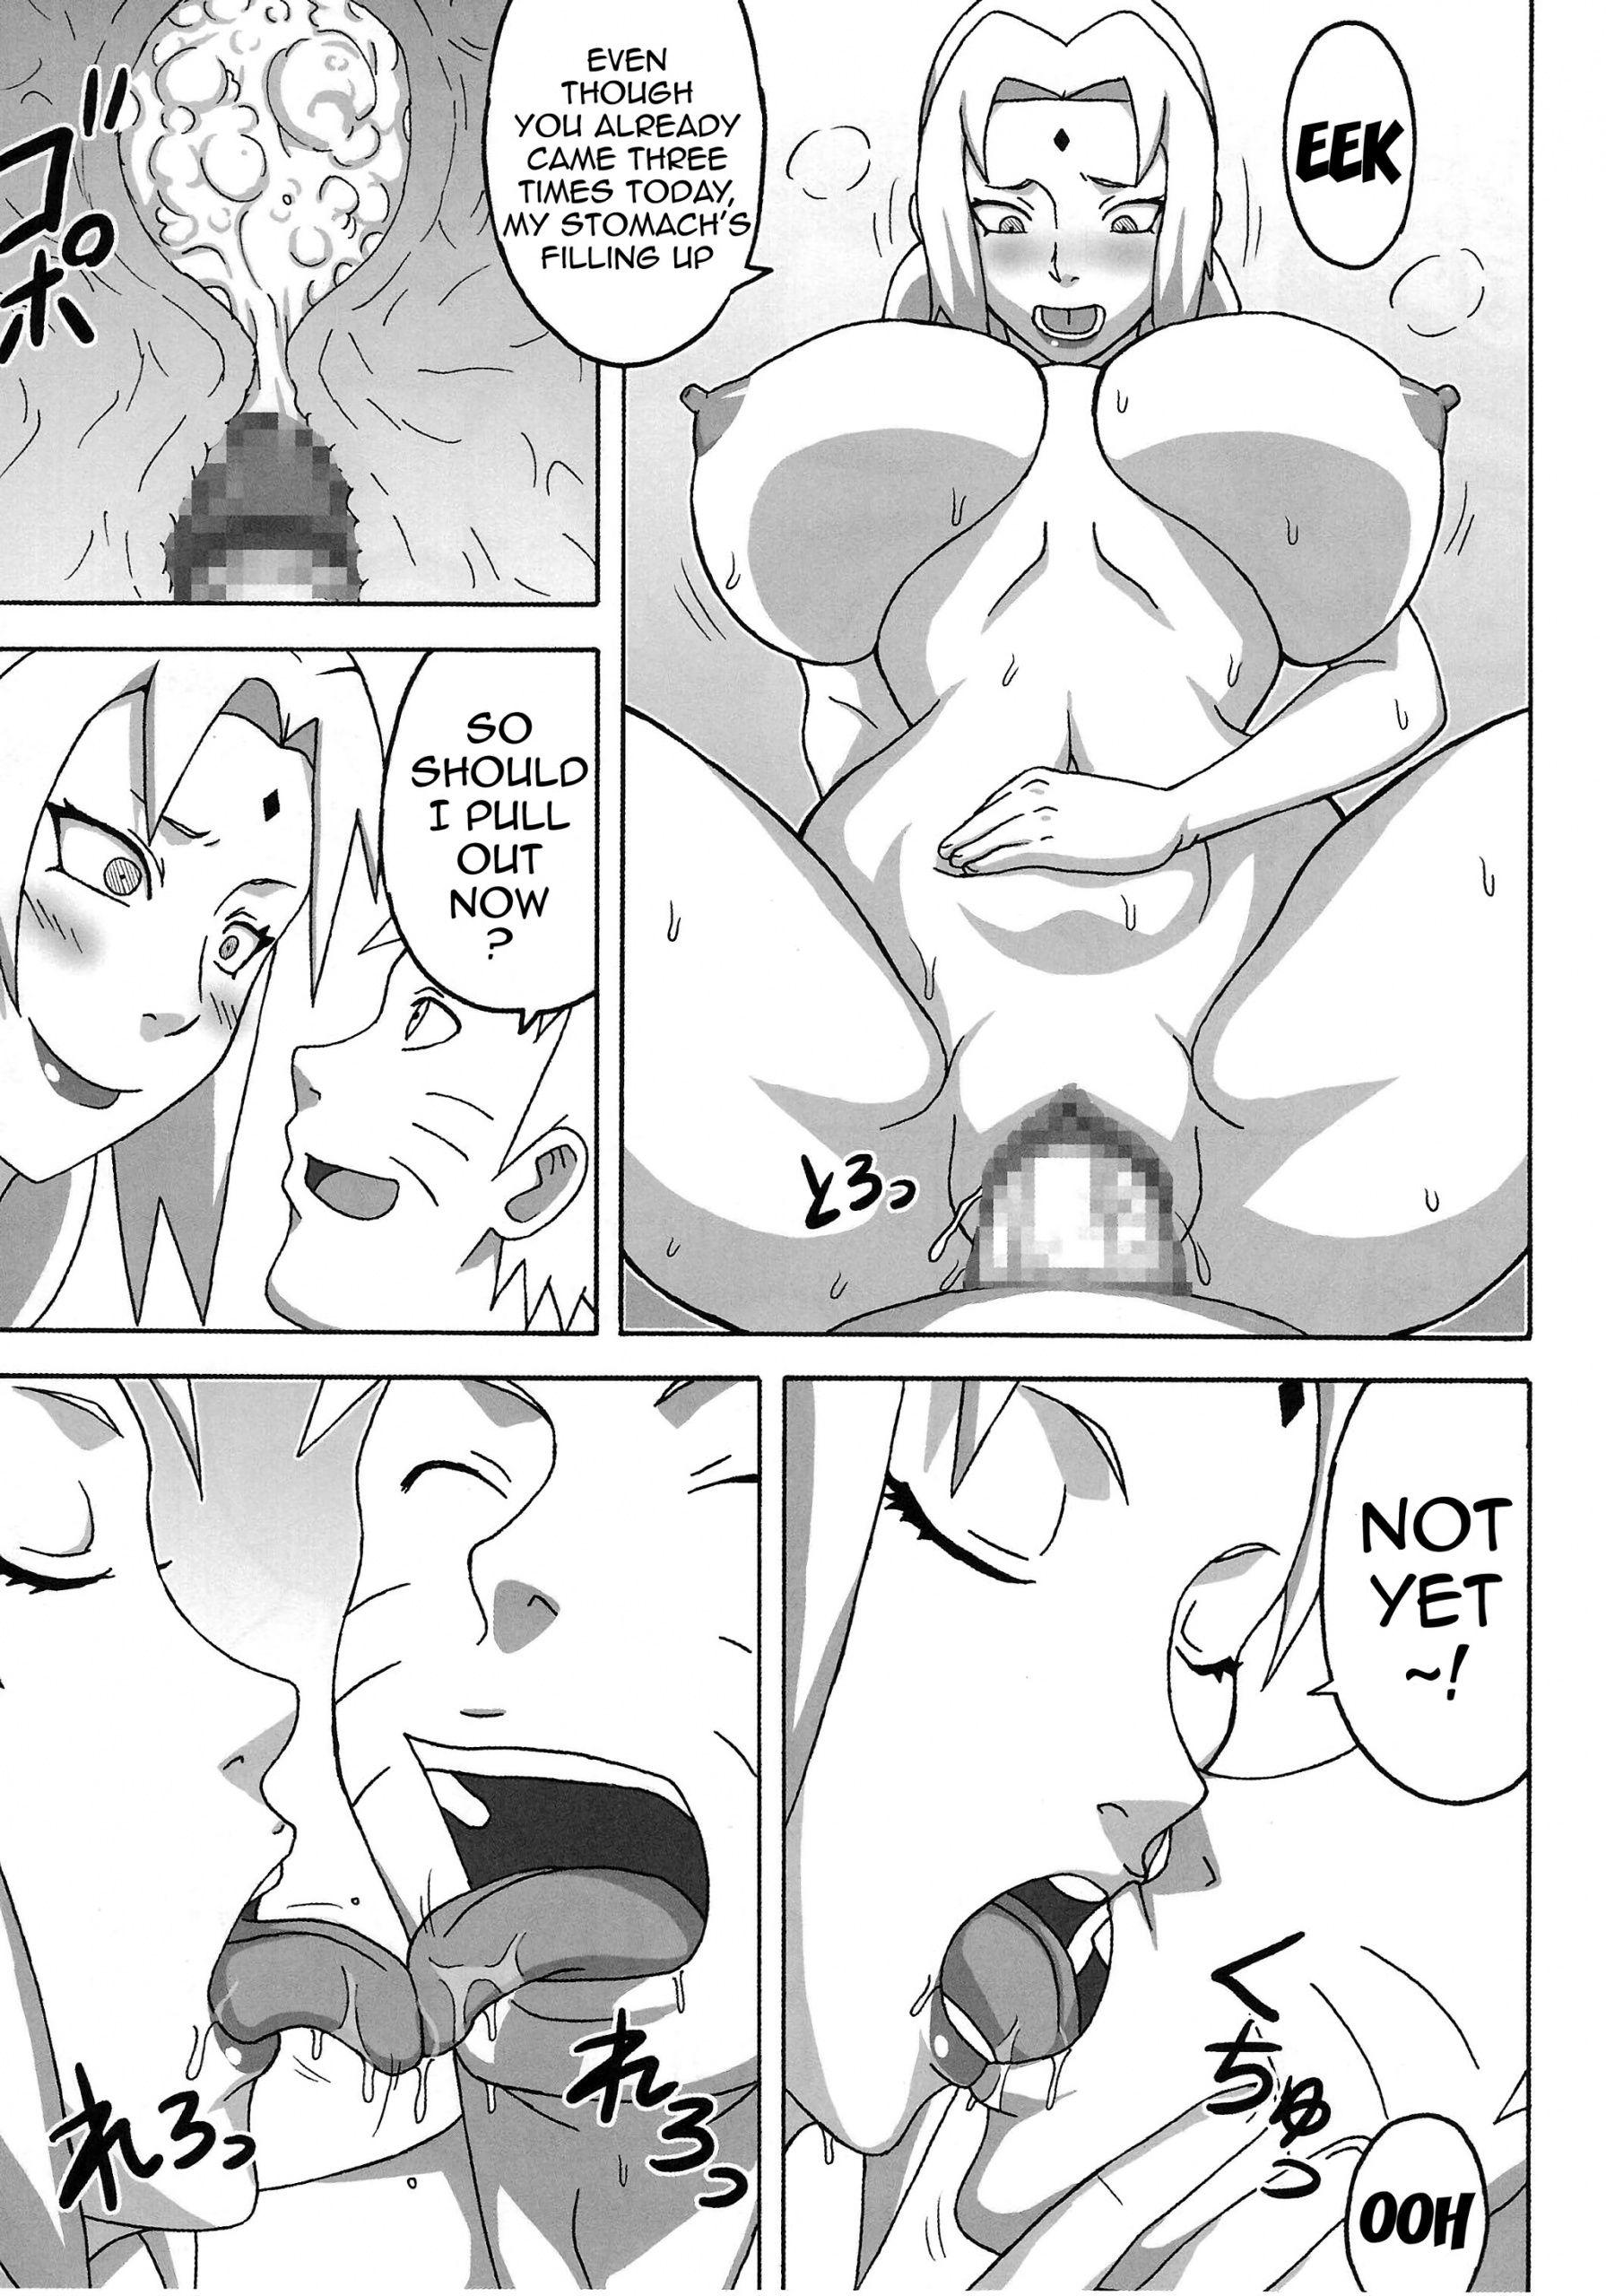 G3 hentai manga picture 16